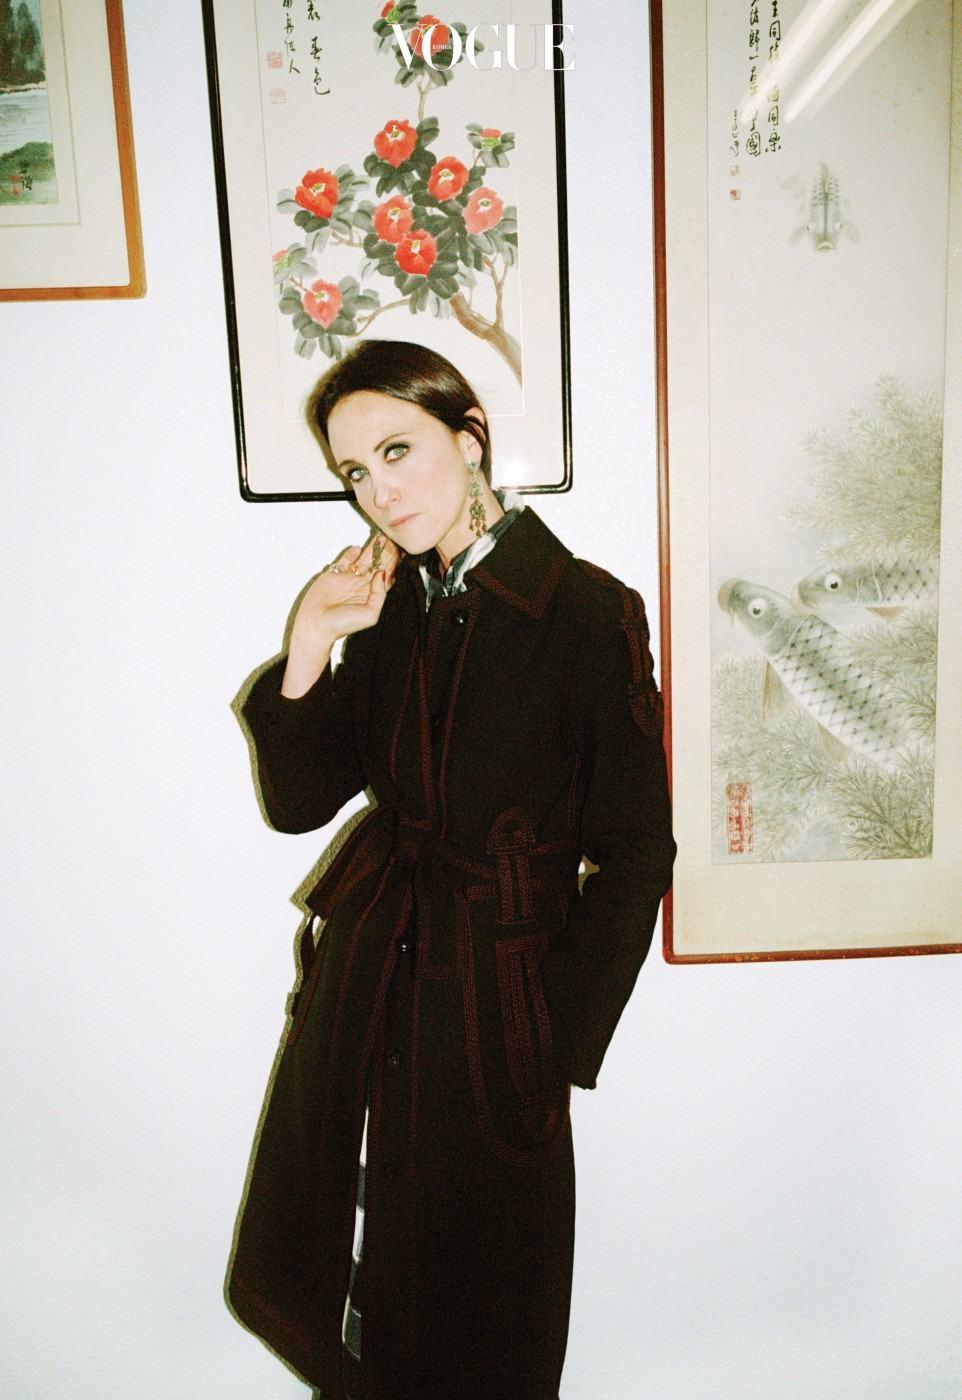 답십리 고미술상가의 수묵화 앞에서 포즈를 취한 알레산드라 파키네티. 그녀의 투명한 푸른 눈과 수묵화의 맑은 색감이 닮았다.